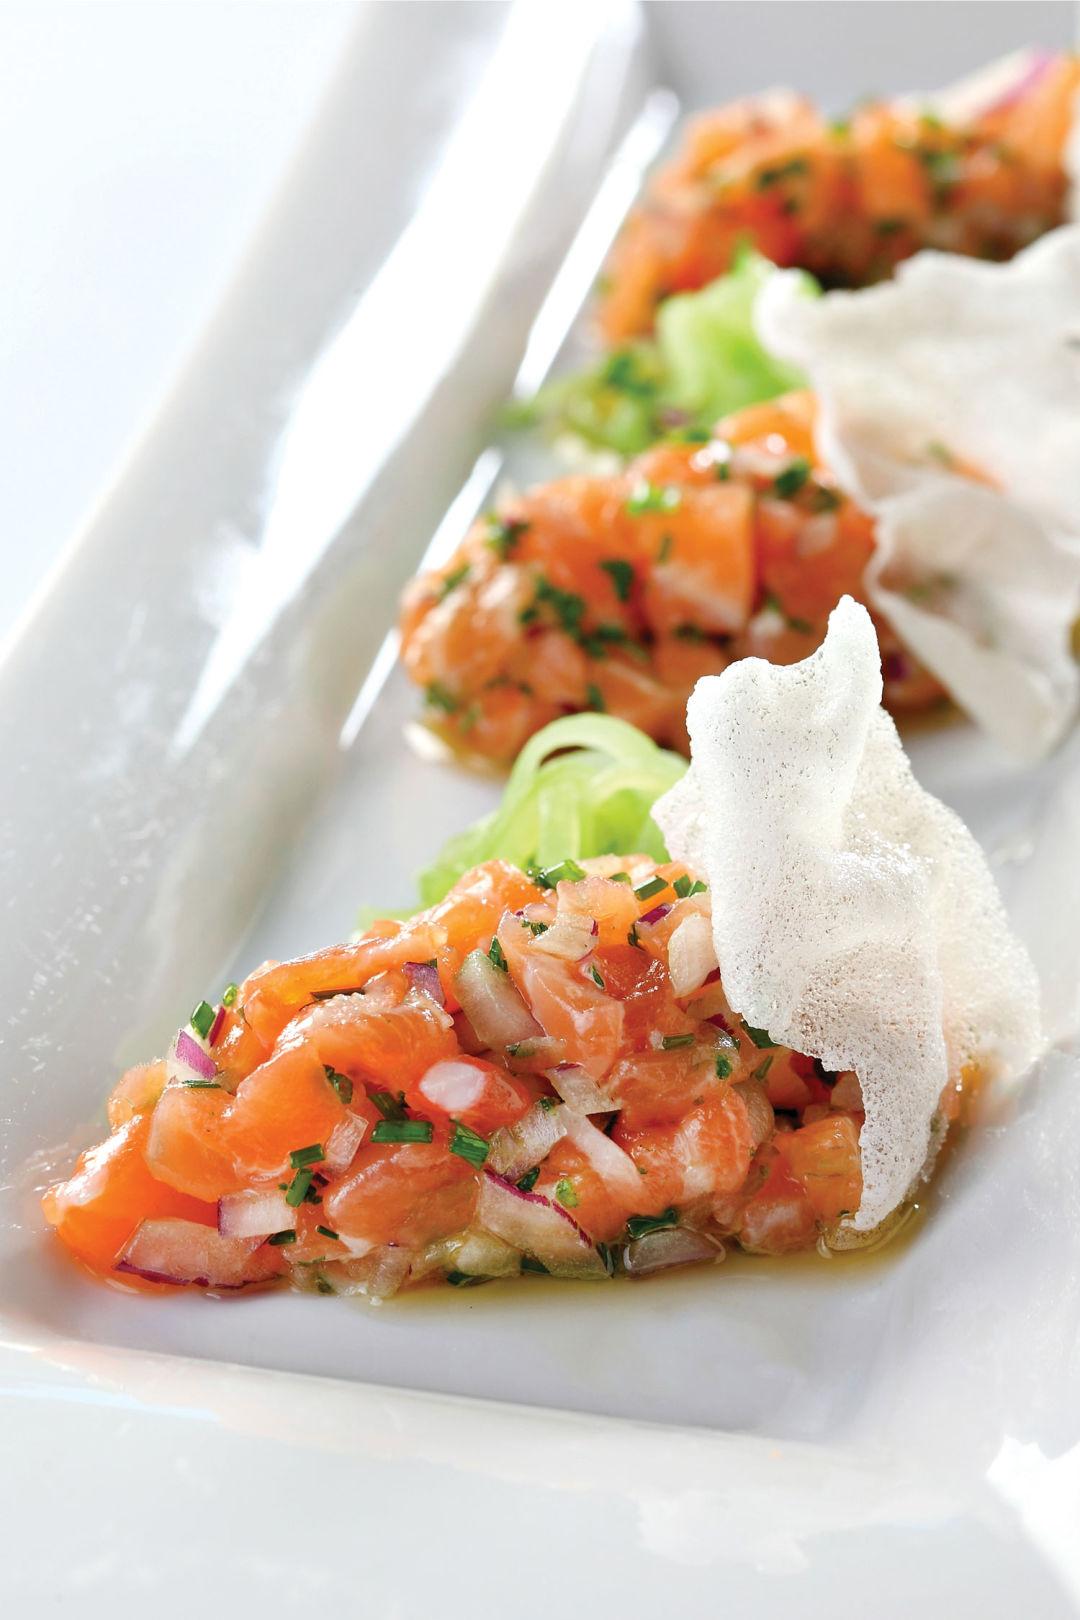 Shutterstock 190298654 salmon smcmyk vtnx8m